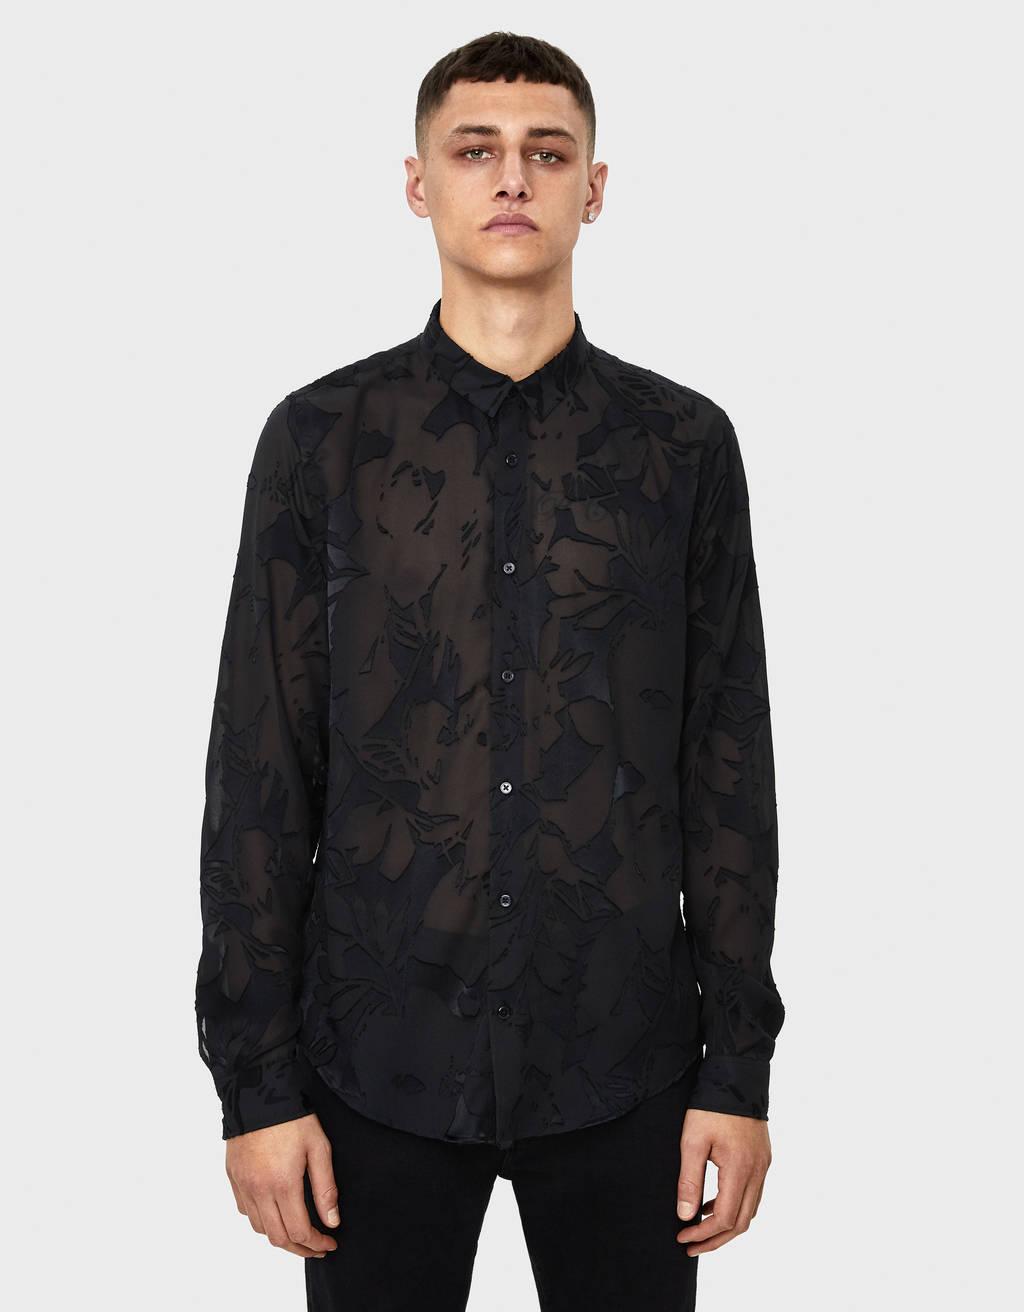 Camisa com estampado transparente